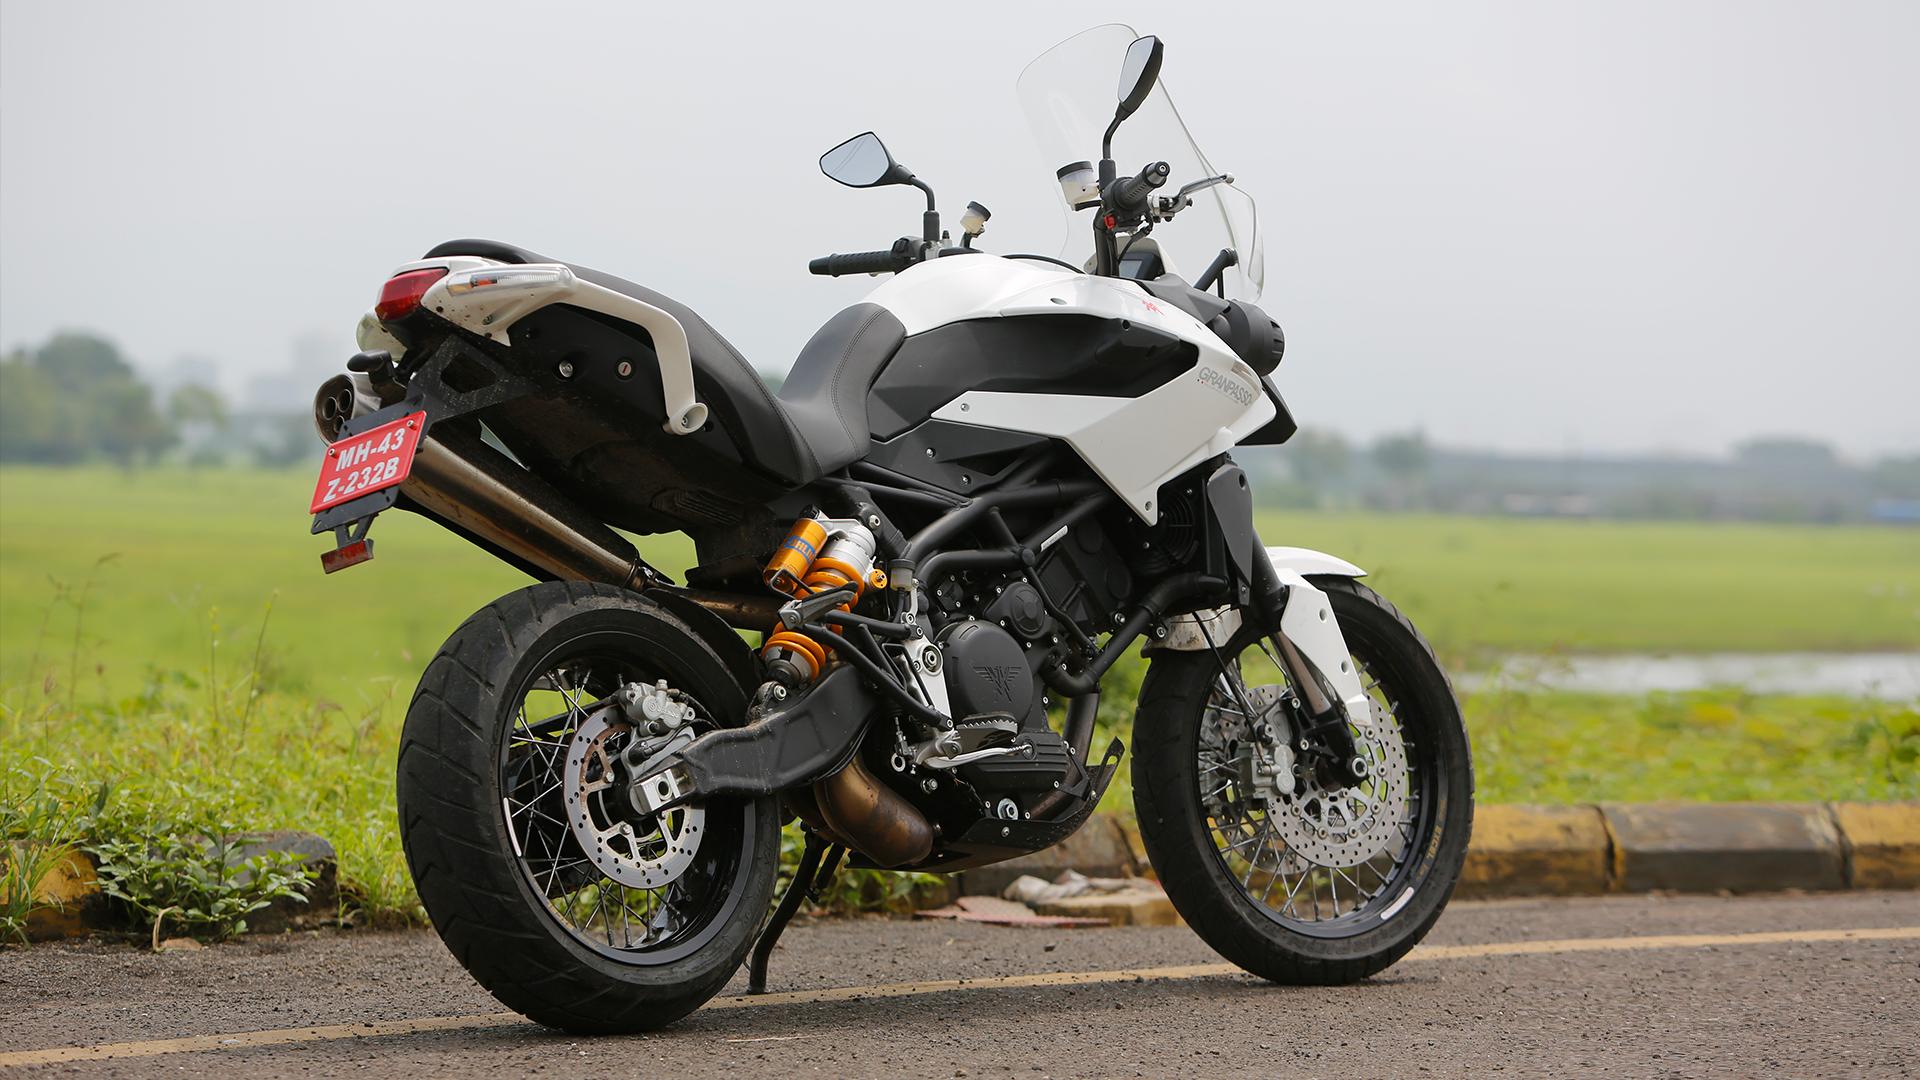 Moto Morini Granpasso 1200 2014 Compare